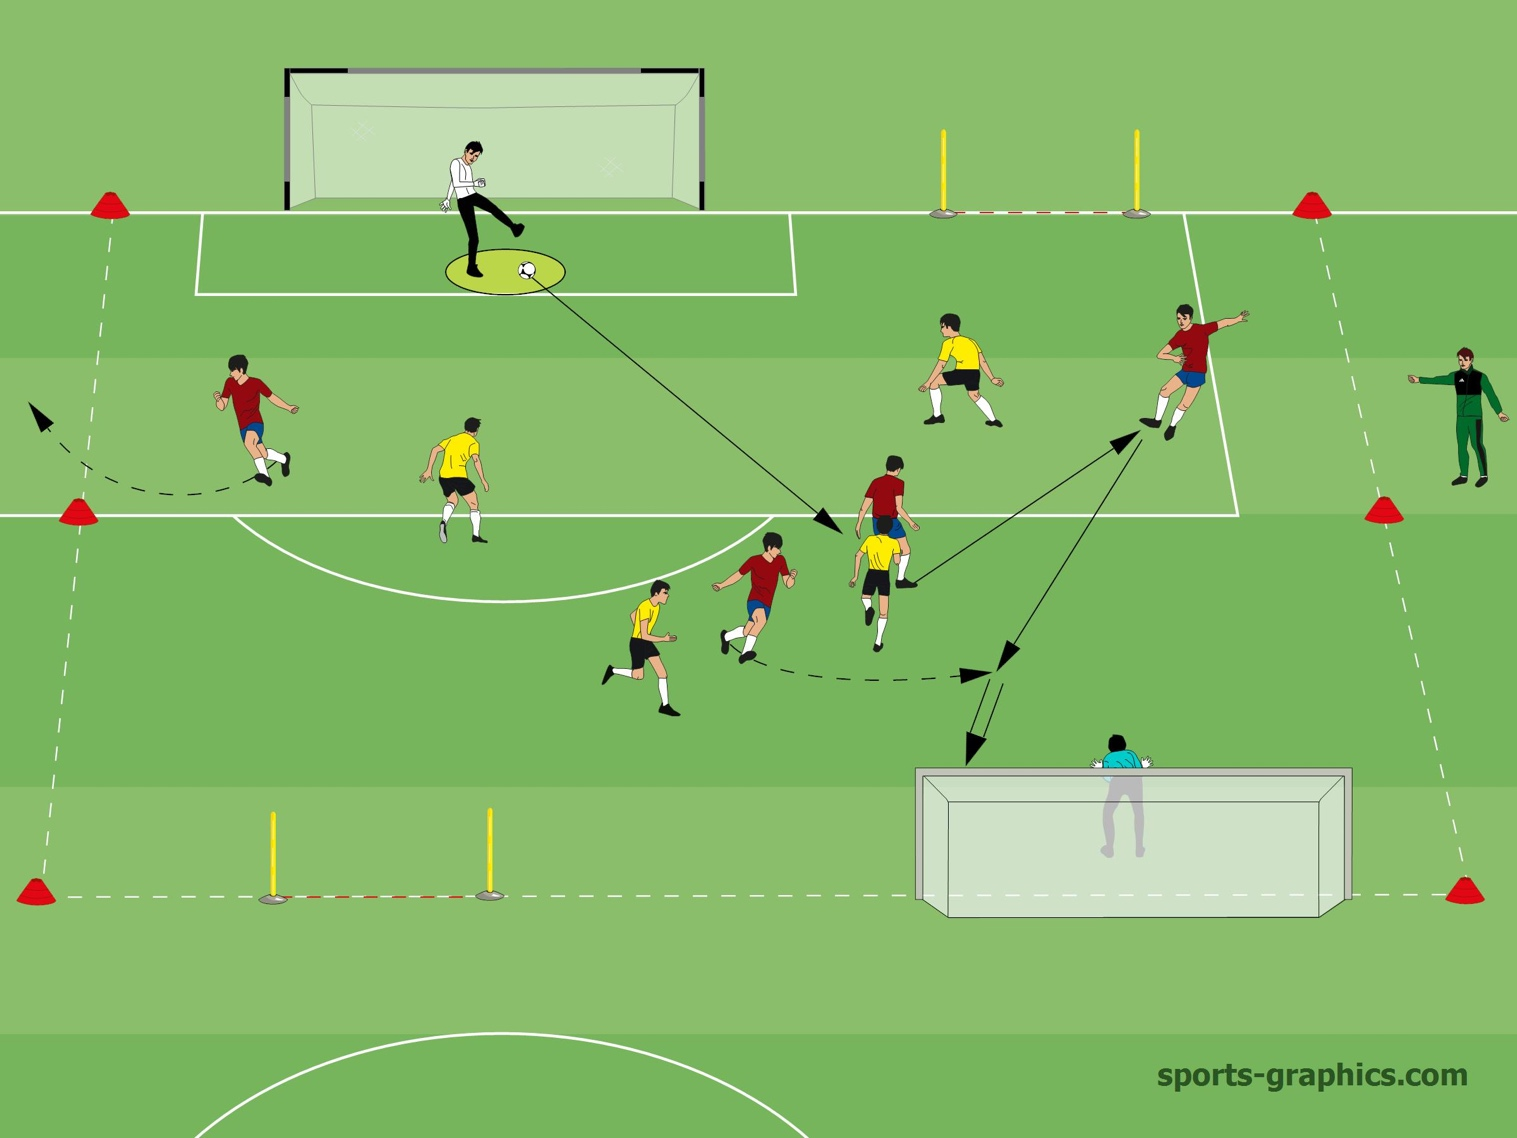 4v4 Soccer